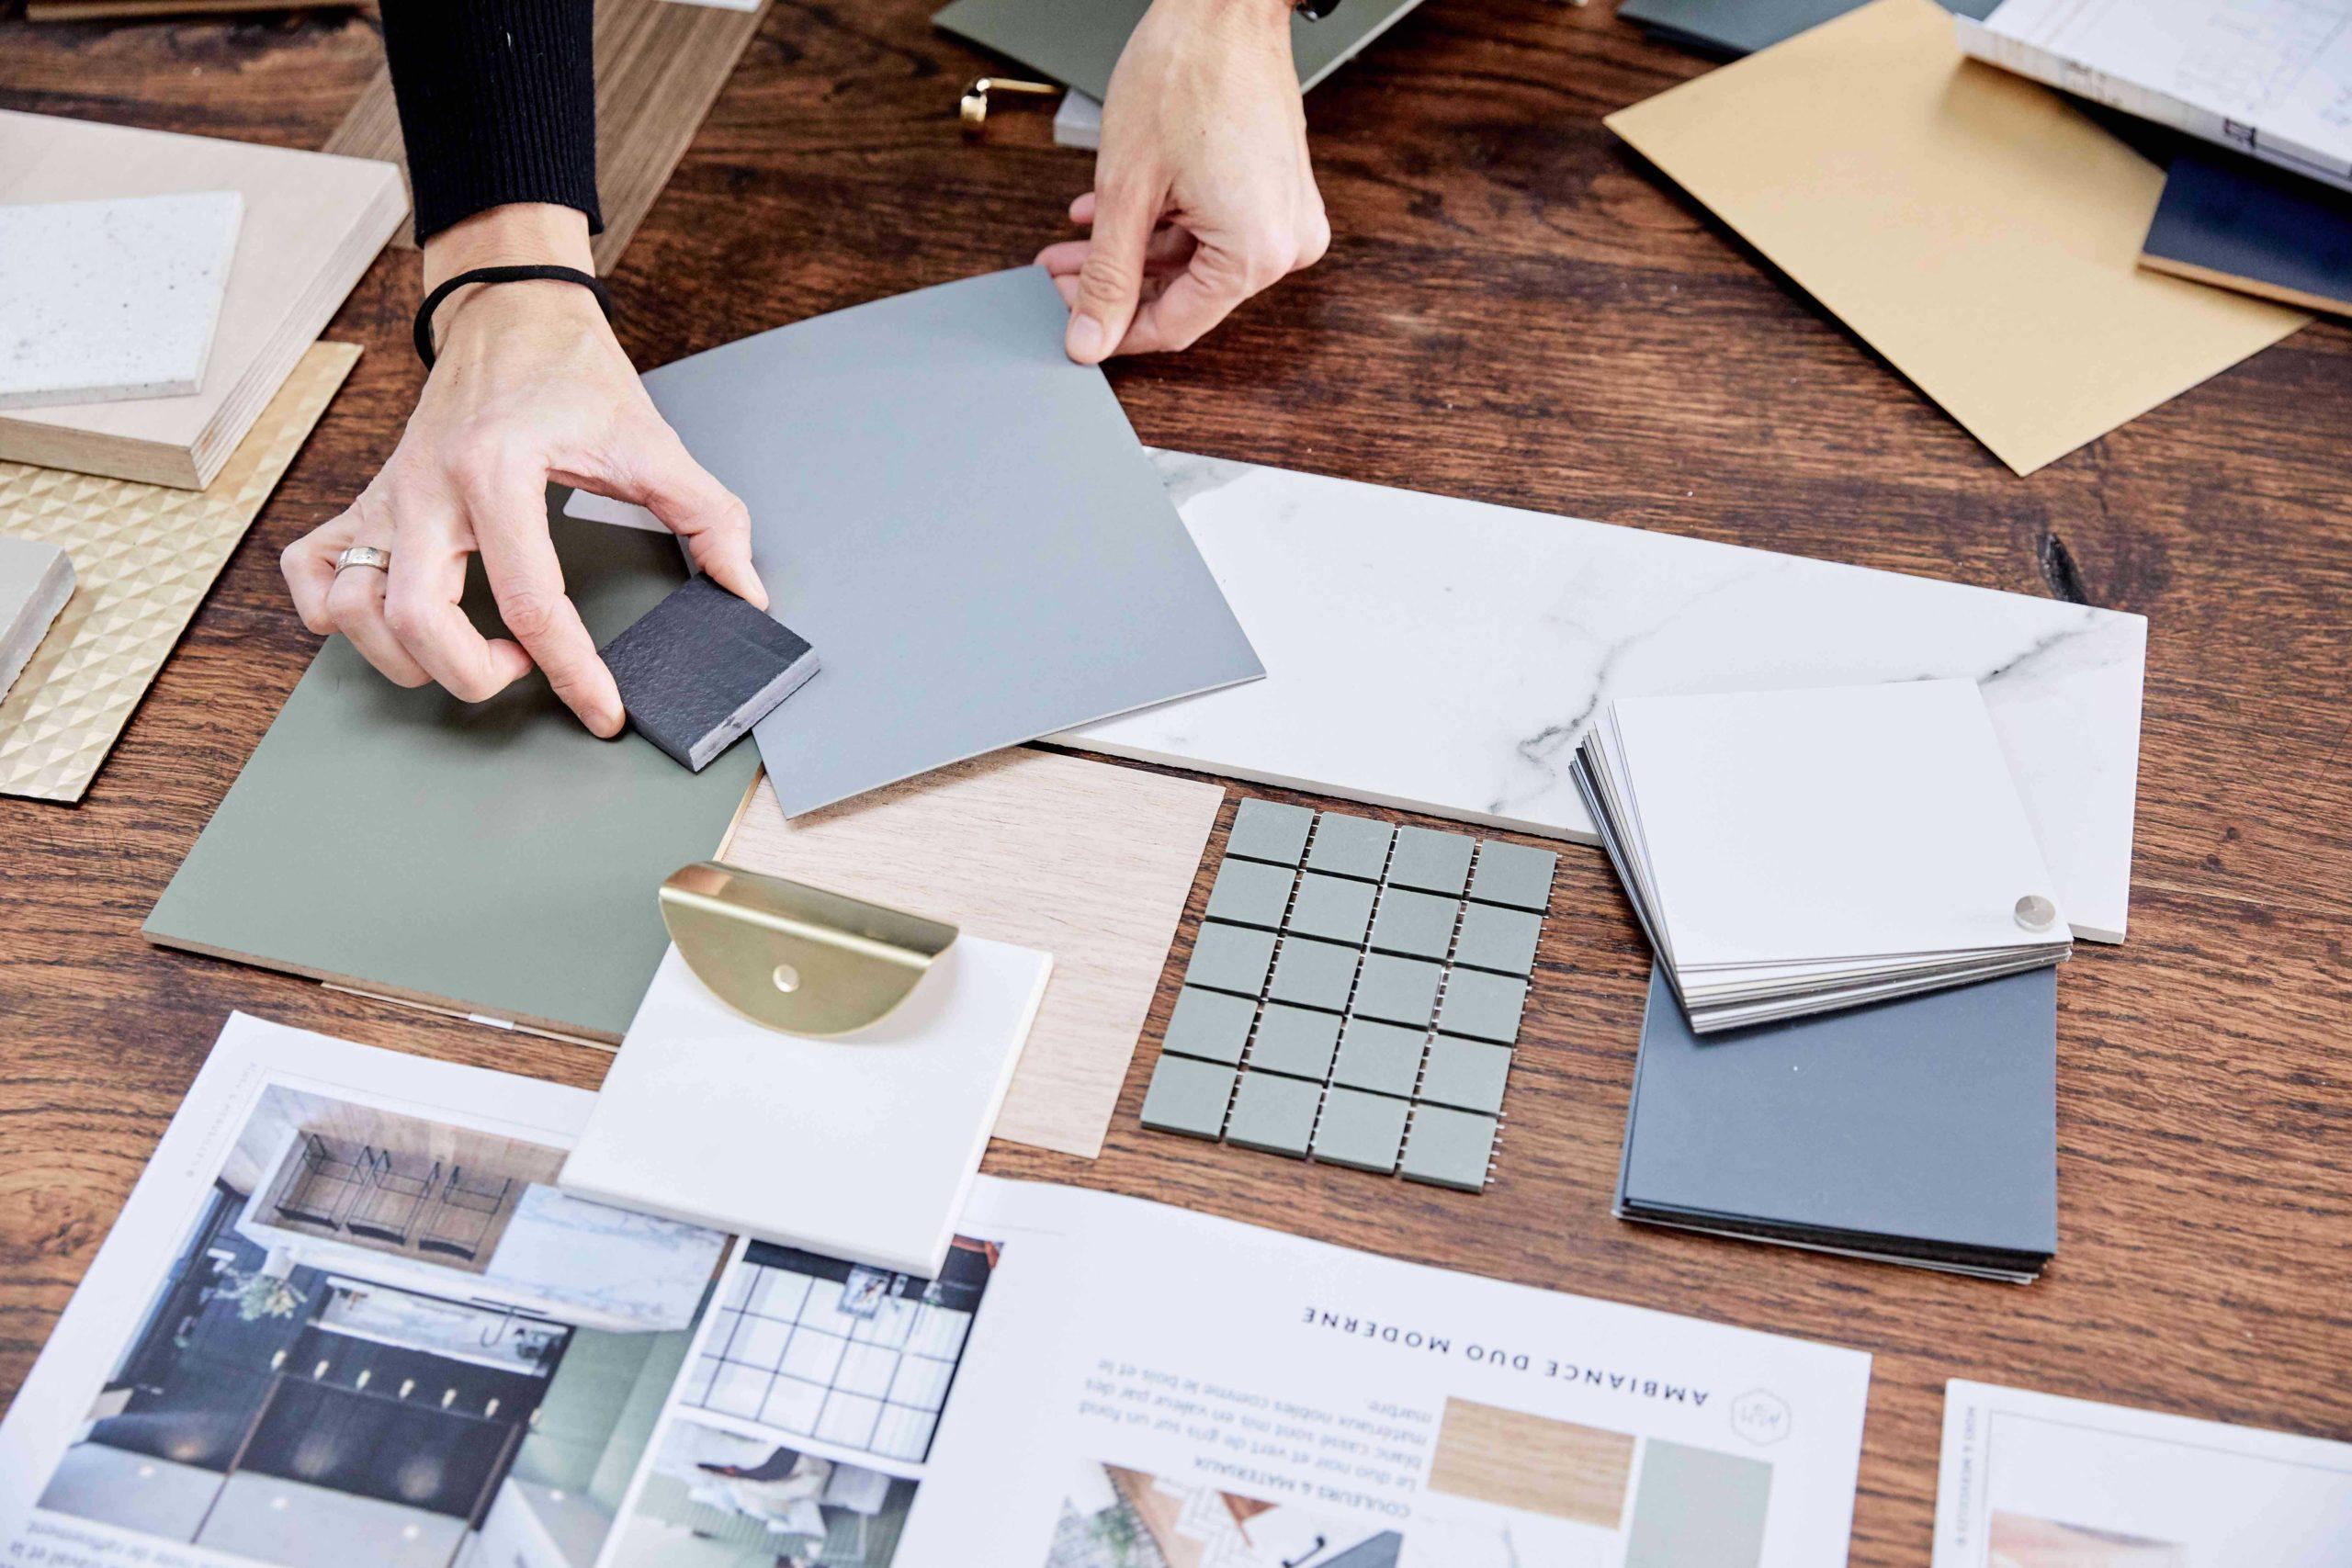 planches d ambiance et échantillons couleurs et matériaux